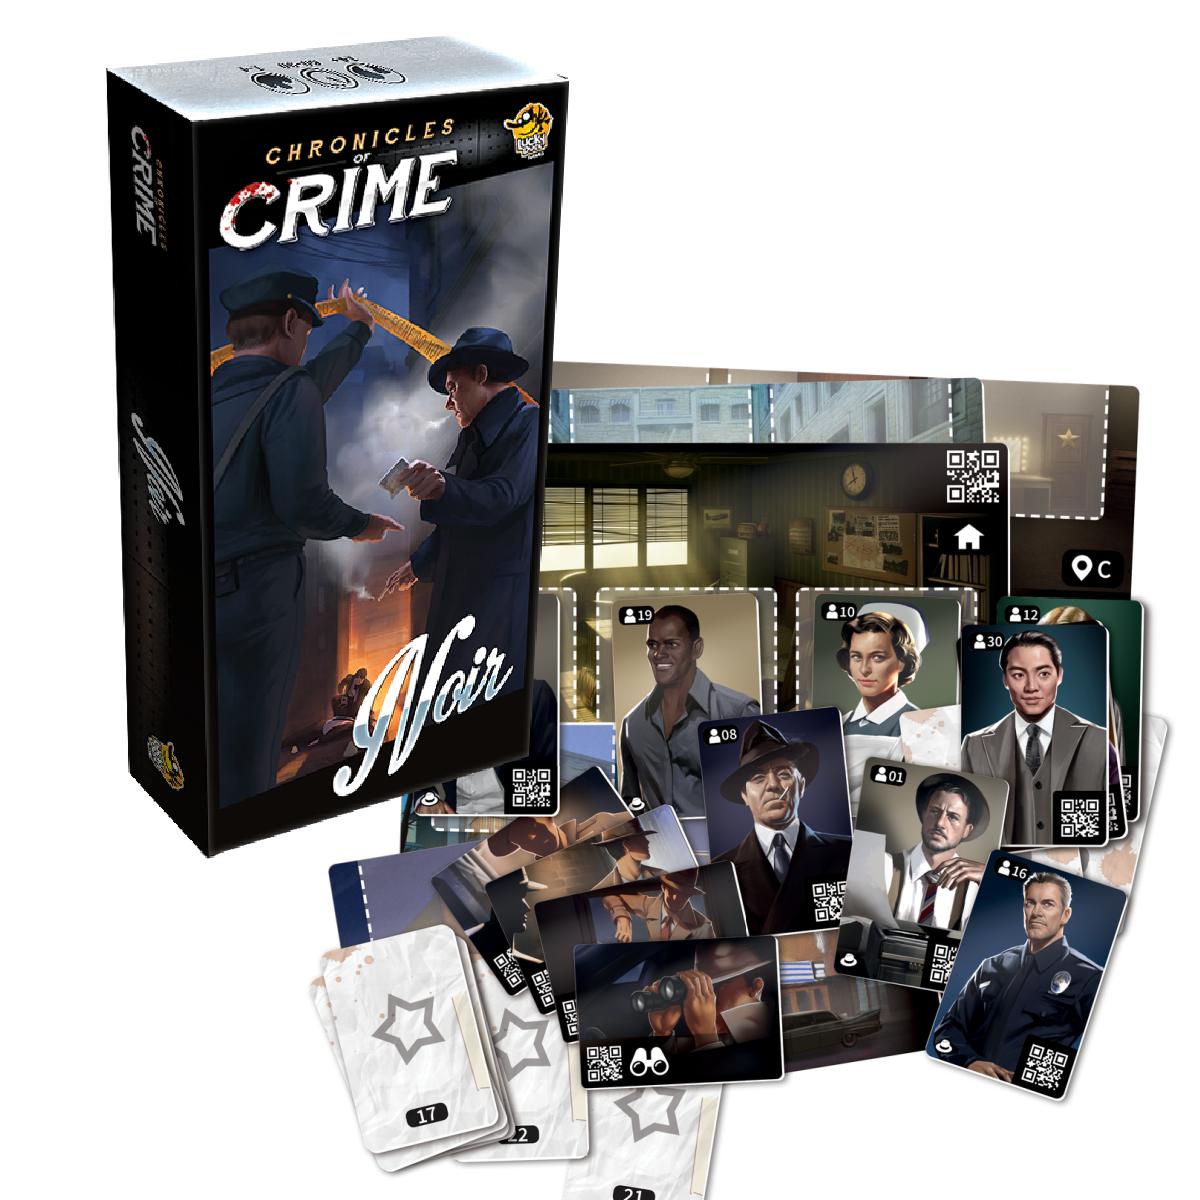 Chronicles of Crime - Noir   34,99$